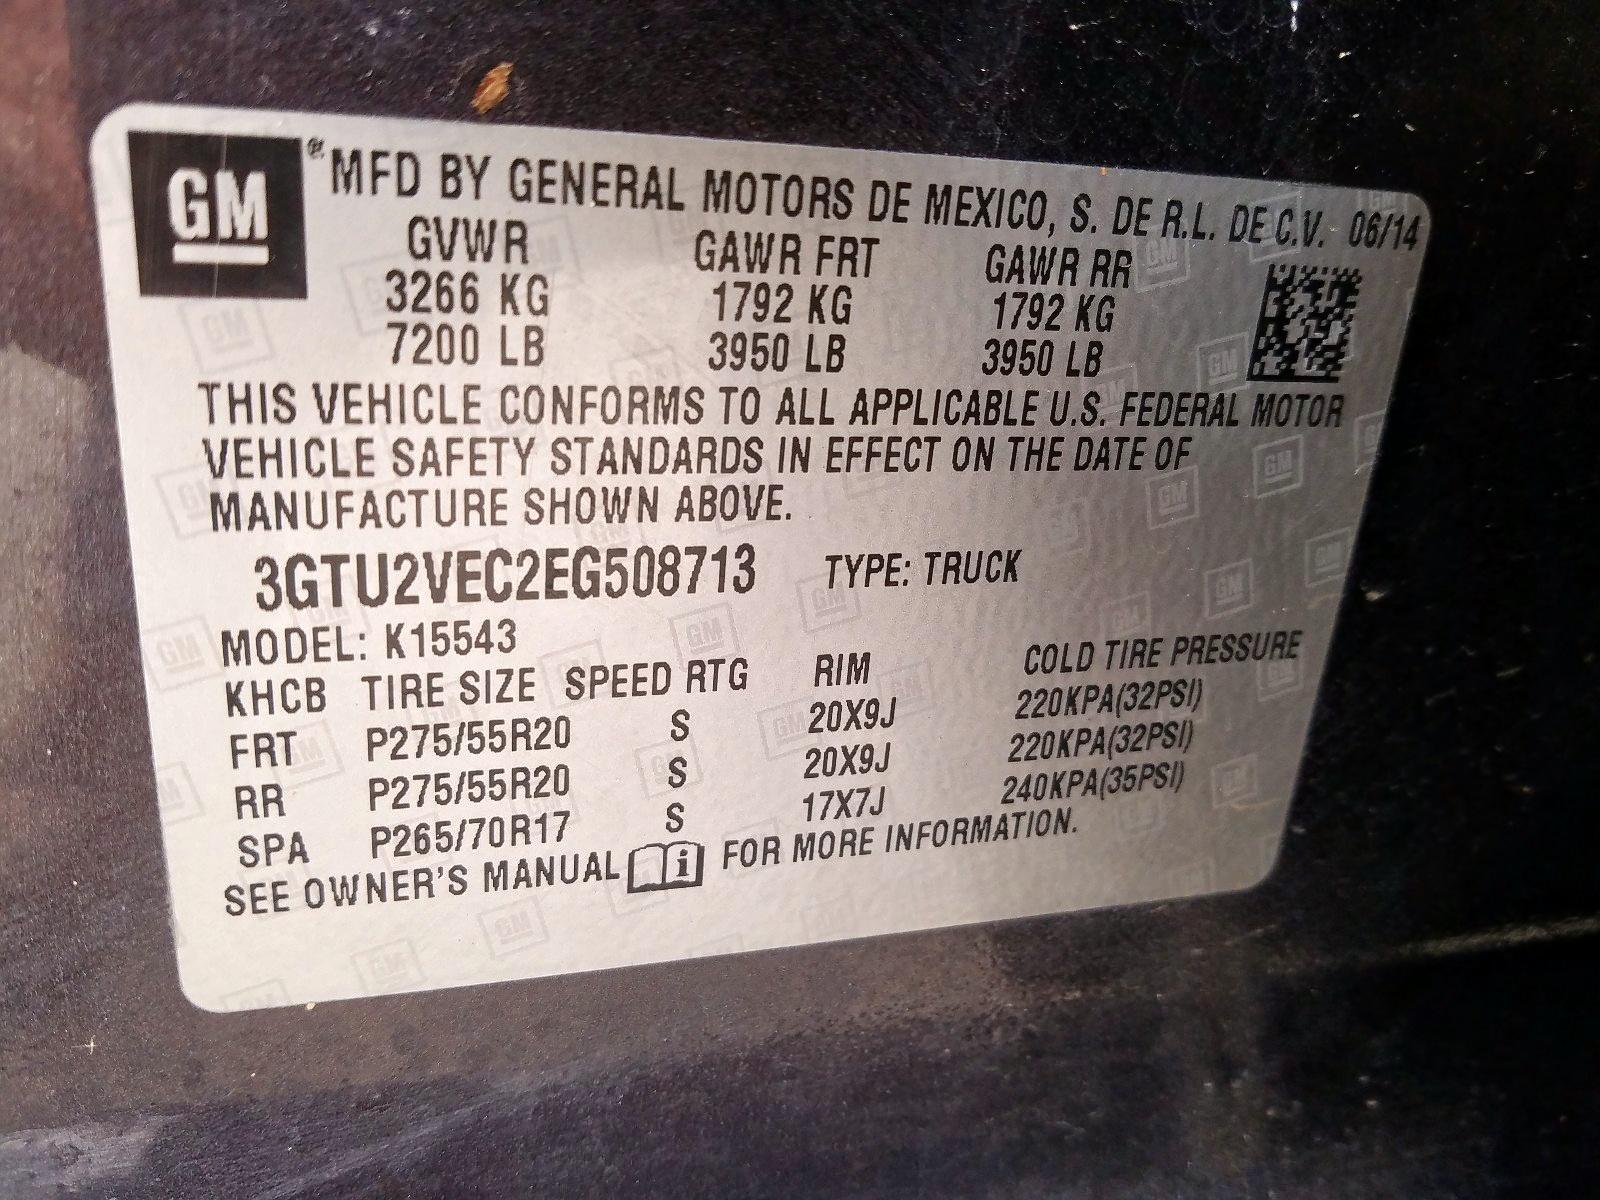 3GTU2VEC2EG508713 - 2014 Gmc Sierra K15 5.3L